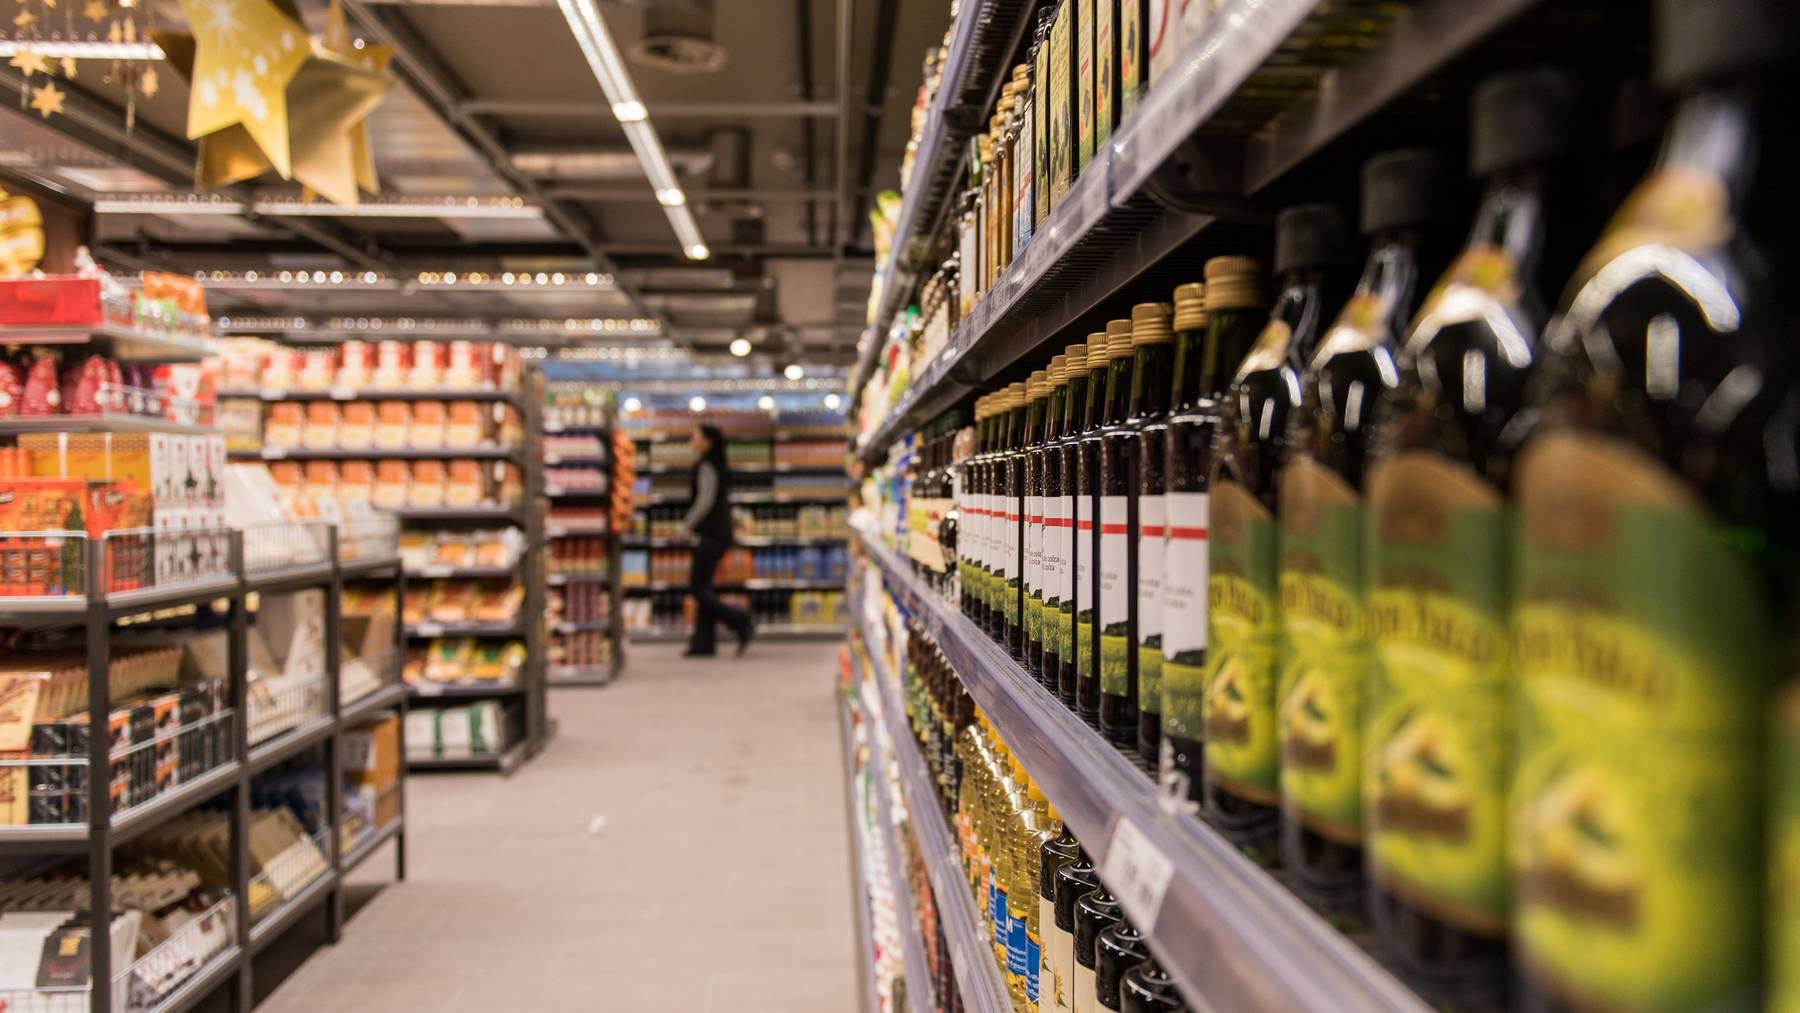 Die Supermärkte der Migros konnten ihre Umsätze im letzten Jahr nicht steigern.